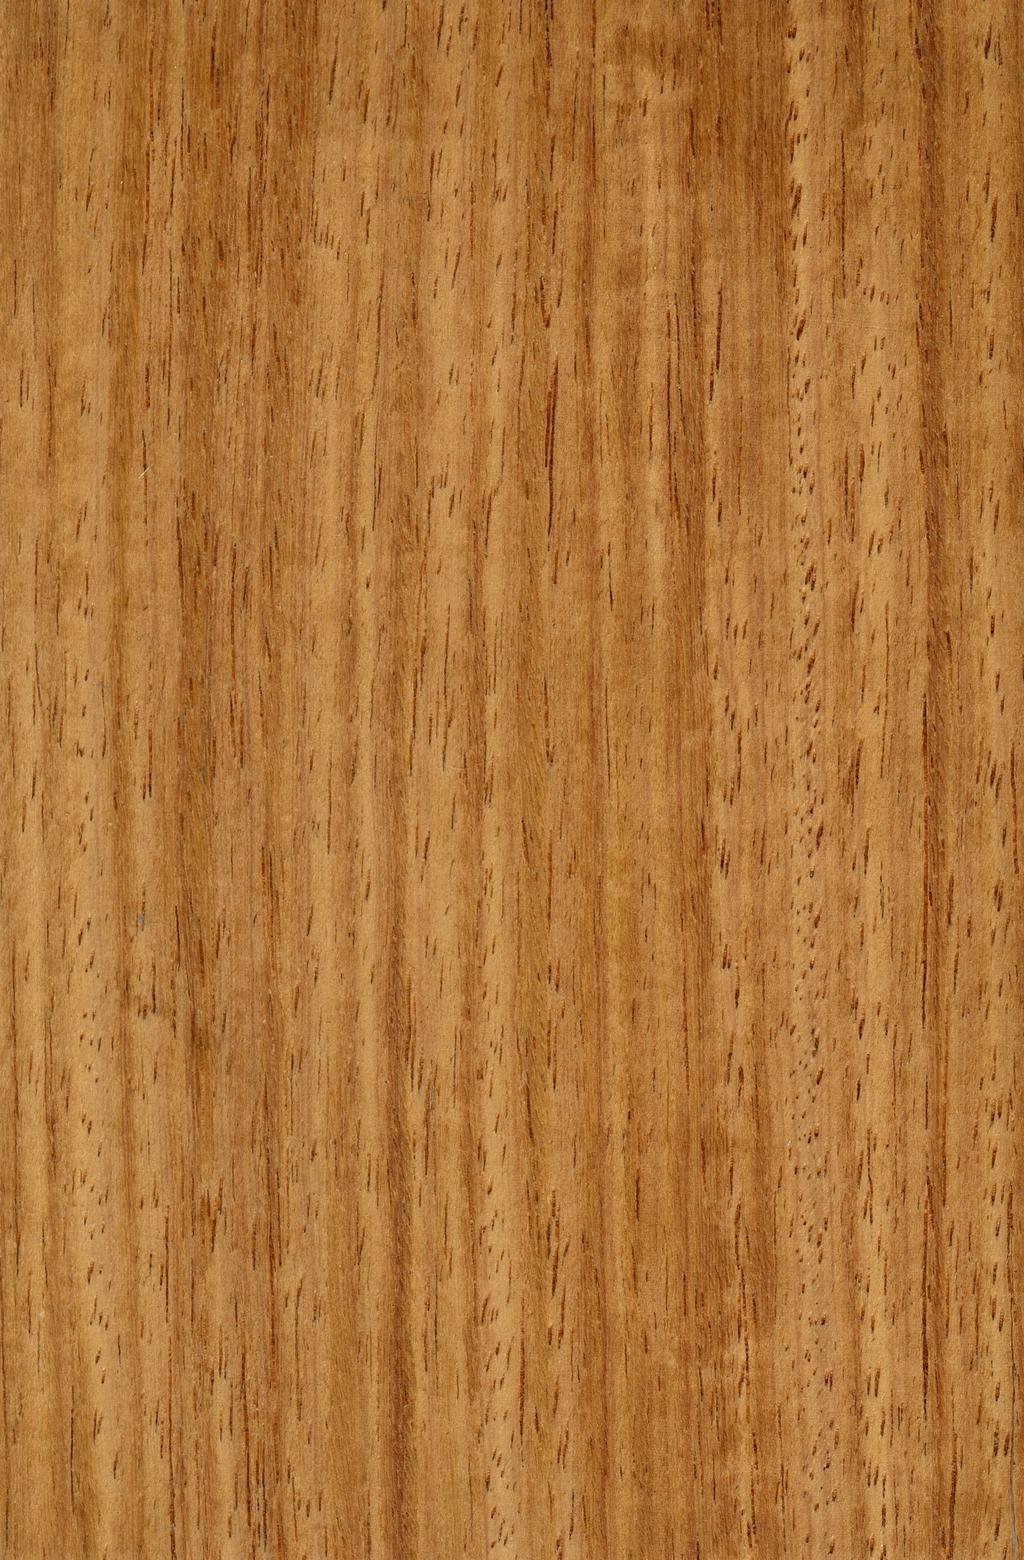 素材 花梨木/[版权图片]花梨木纹理素材实拍